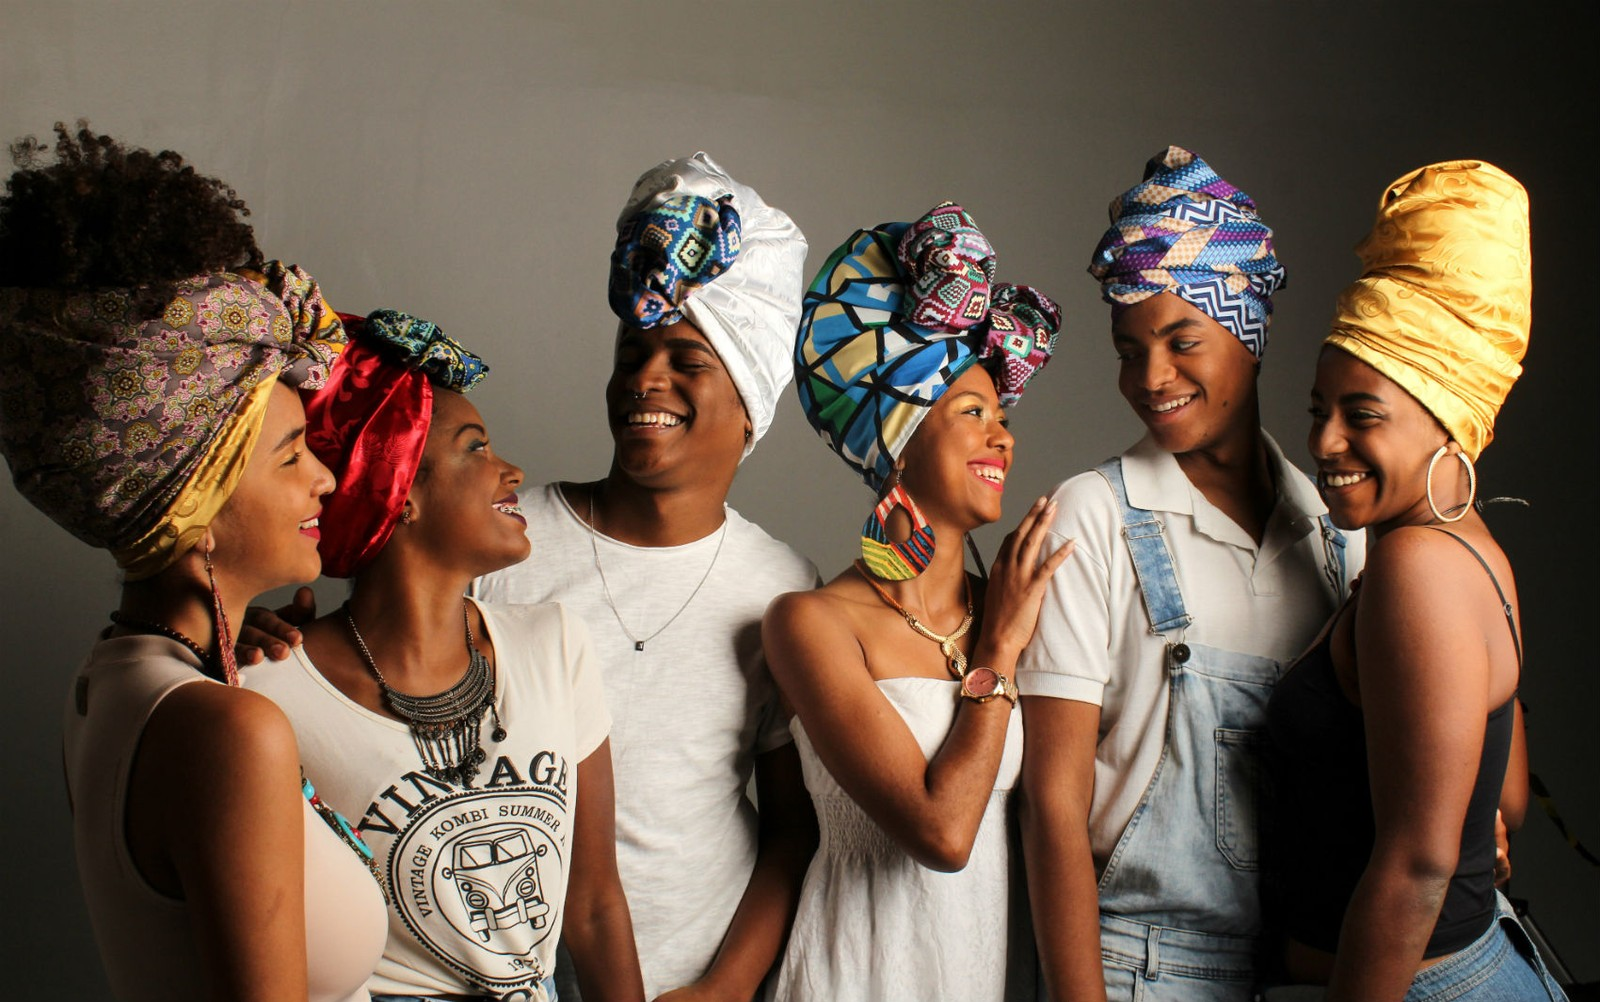 Empoderamente comercializa turbantes, promove ofinas, desfiles, rodas de conversas e ensaios com moradoras da localidades periféricas de Salvador